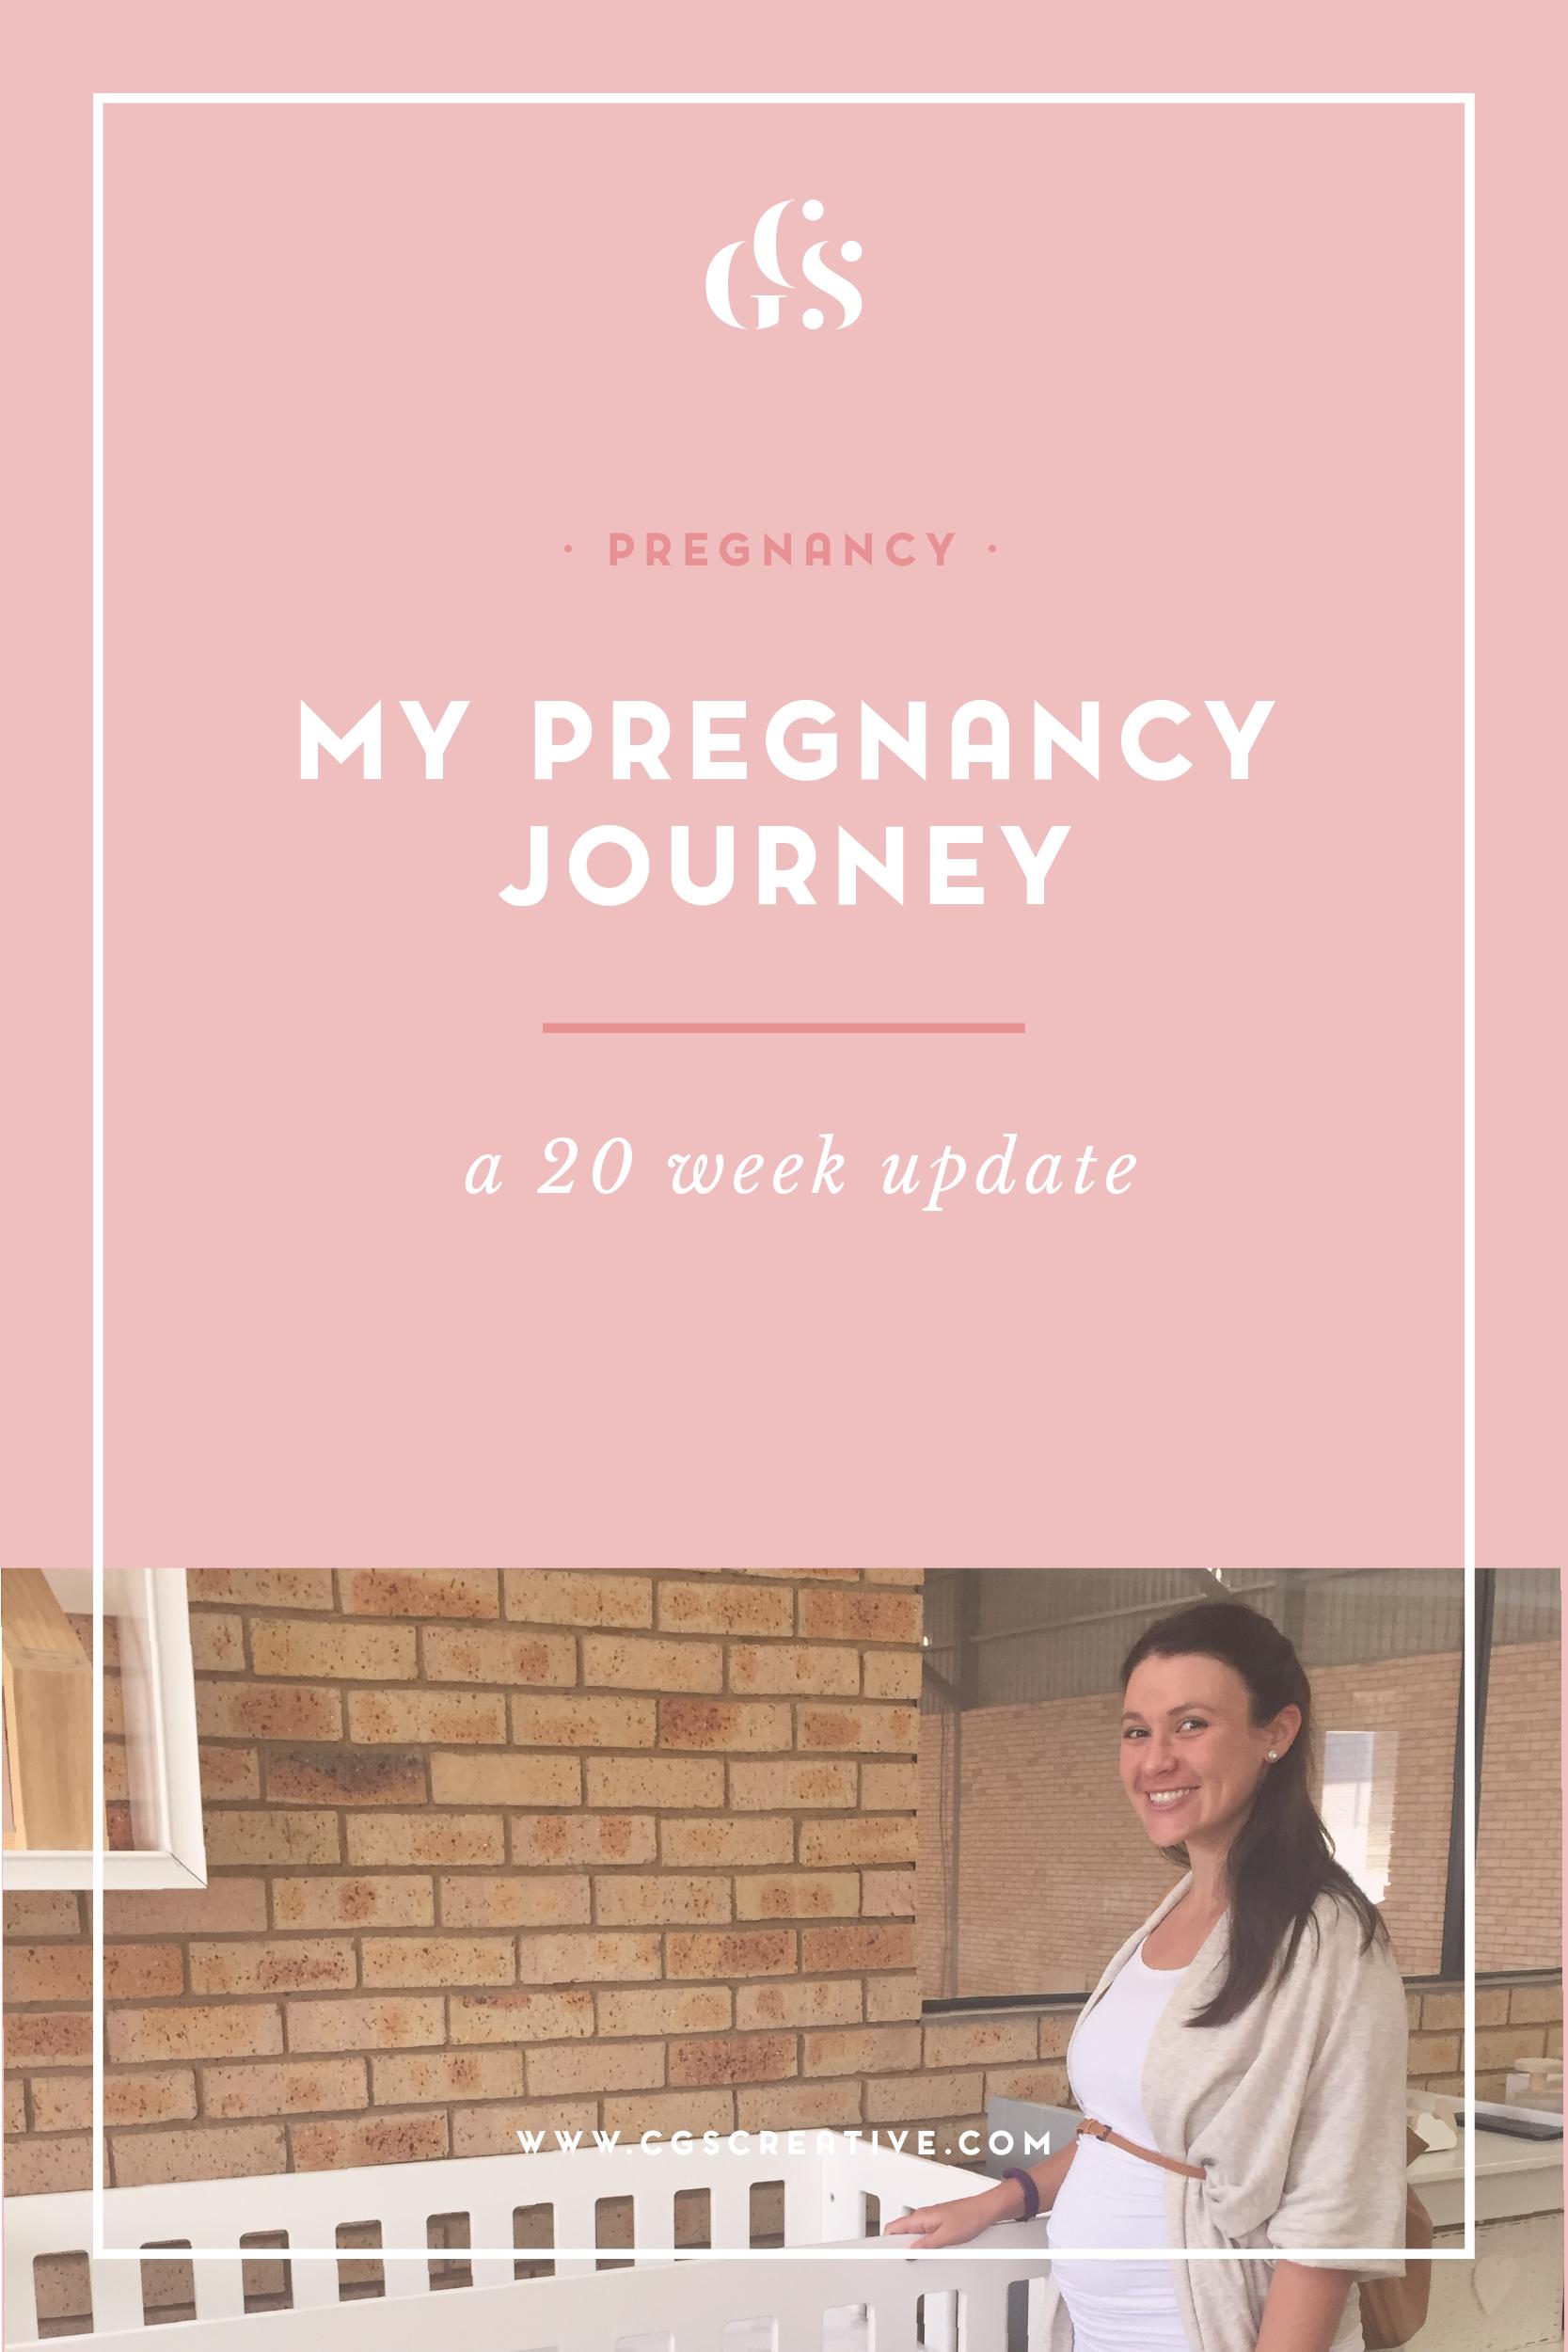 My pregnancy update week 20